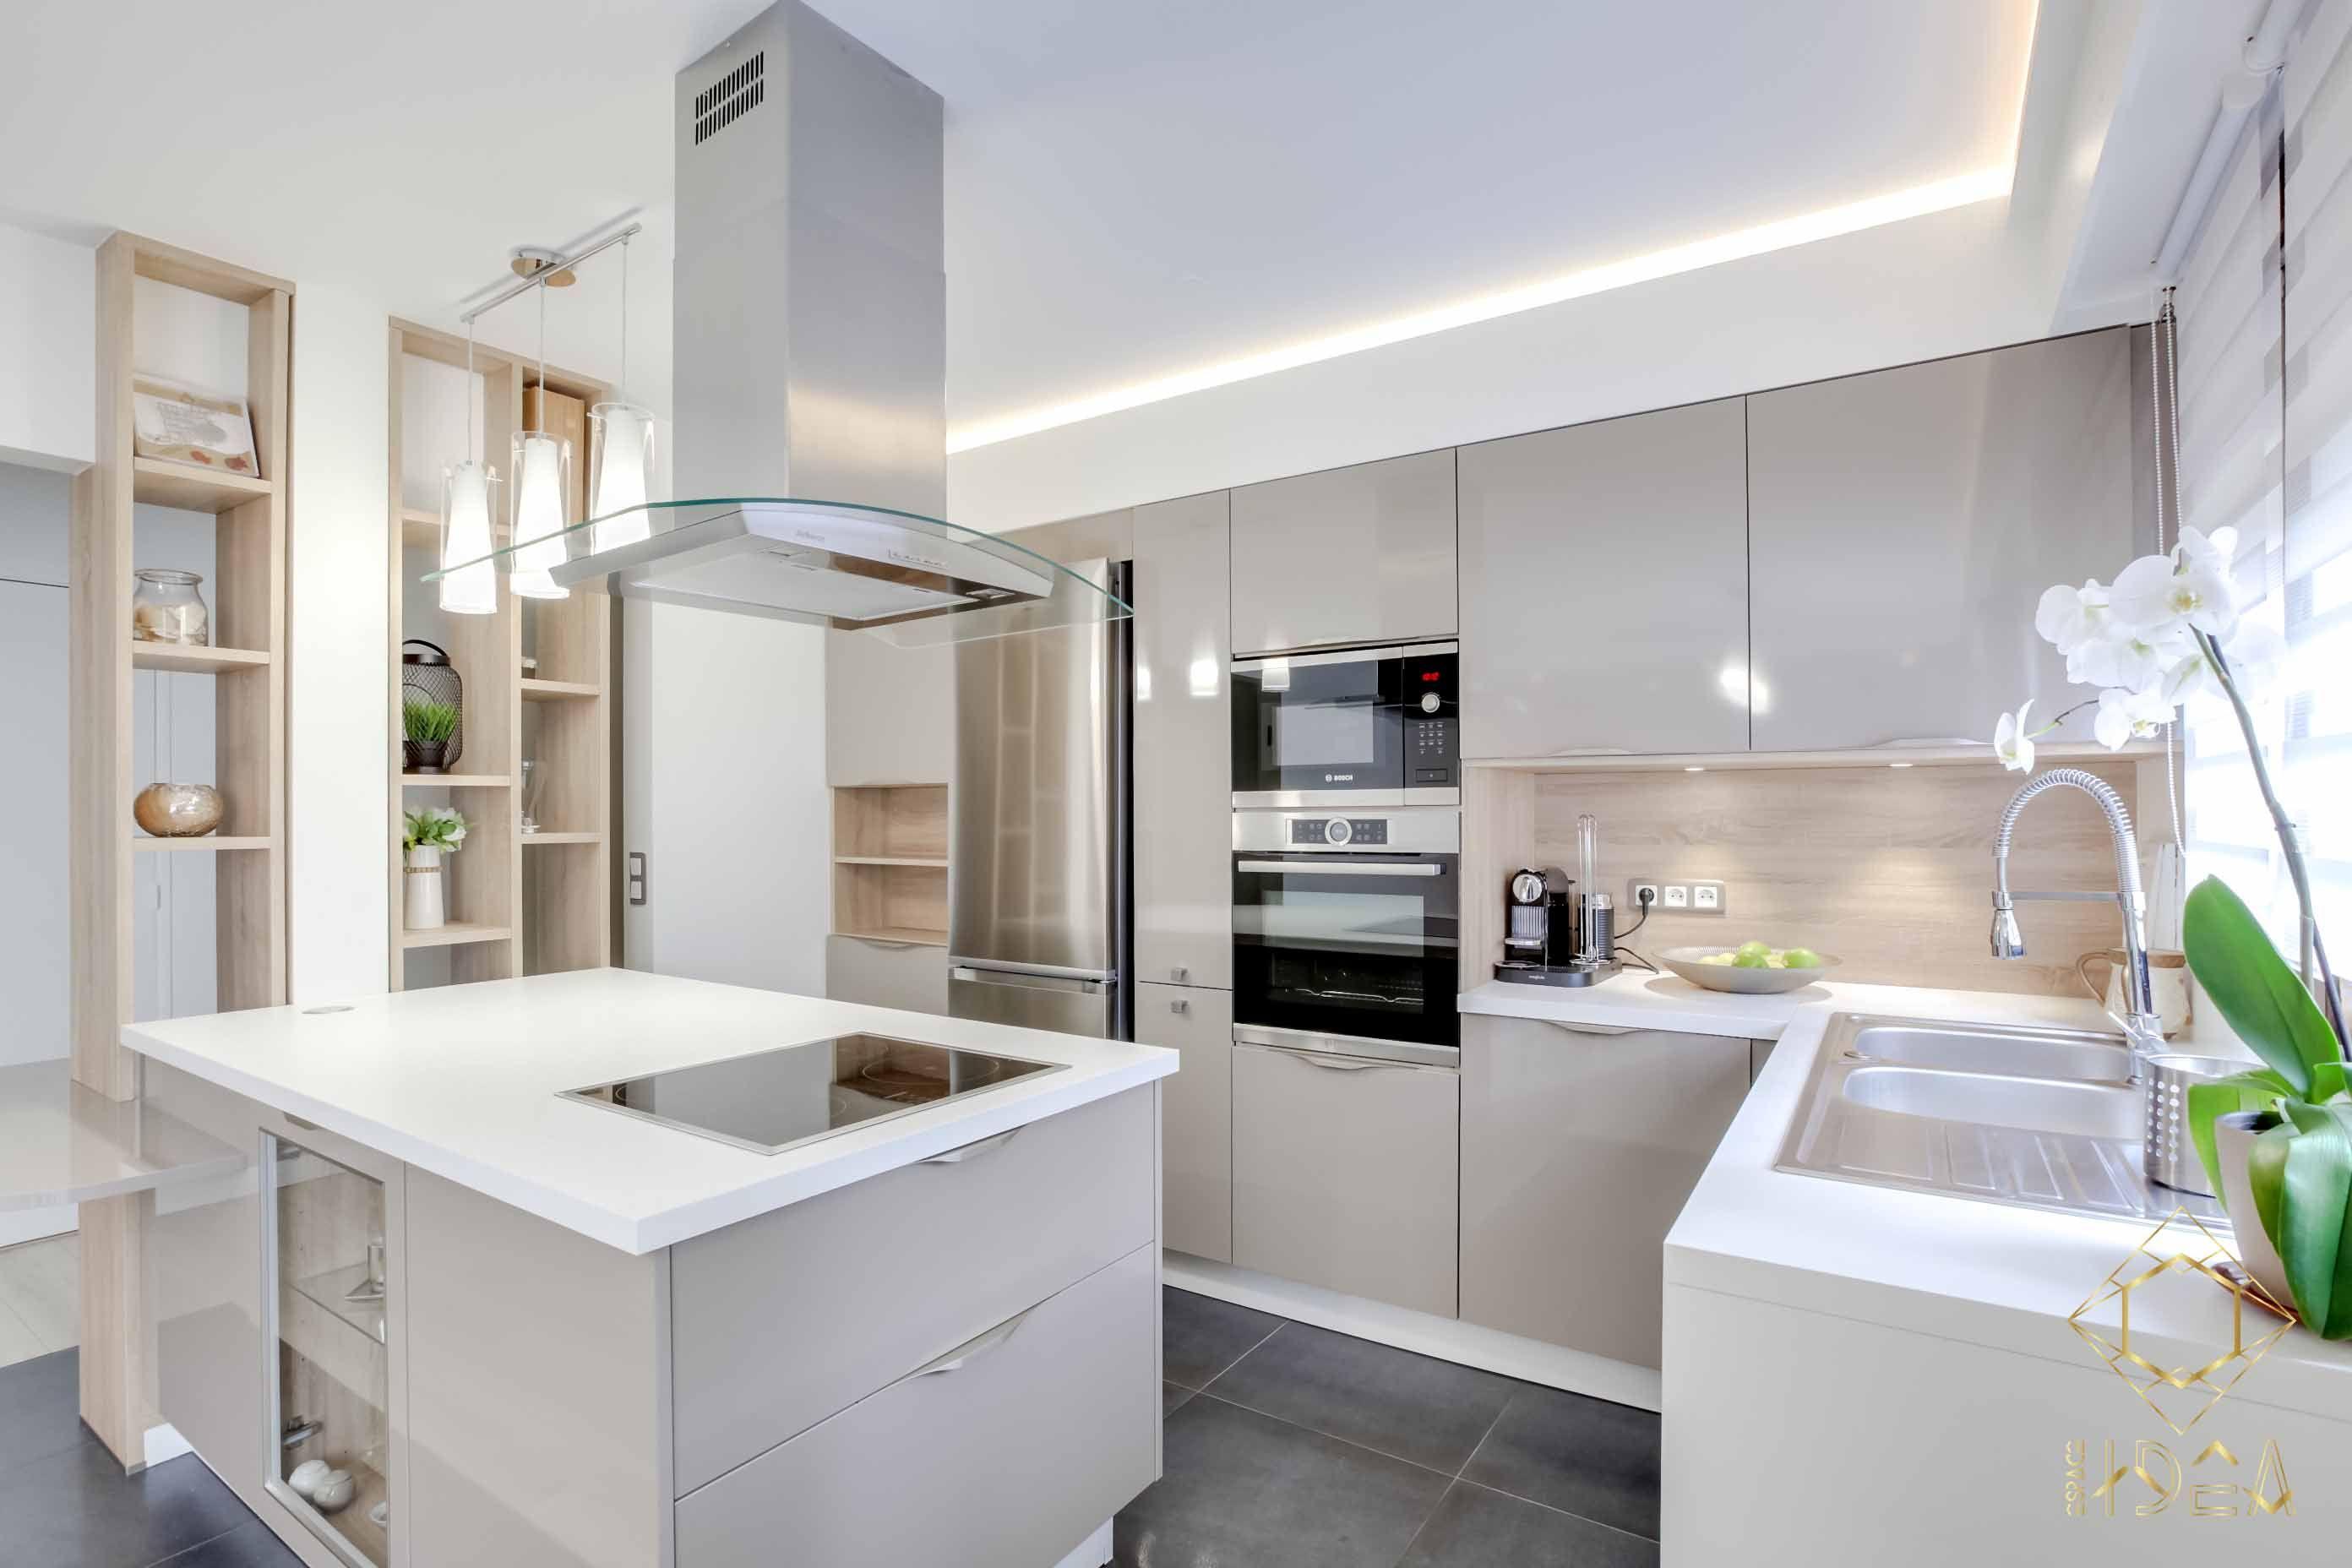 Appartement Aux Délimitations épurées By Espace IDEA Ambiance - Cuisine cocooning